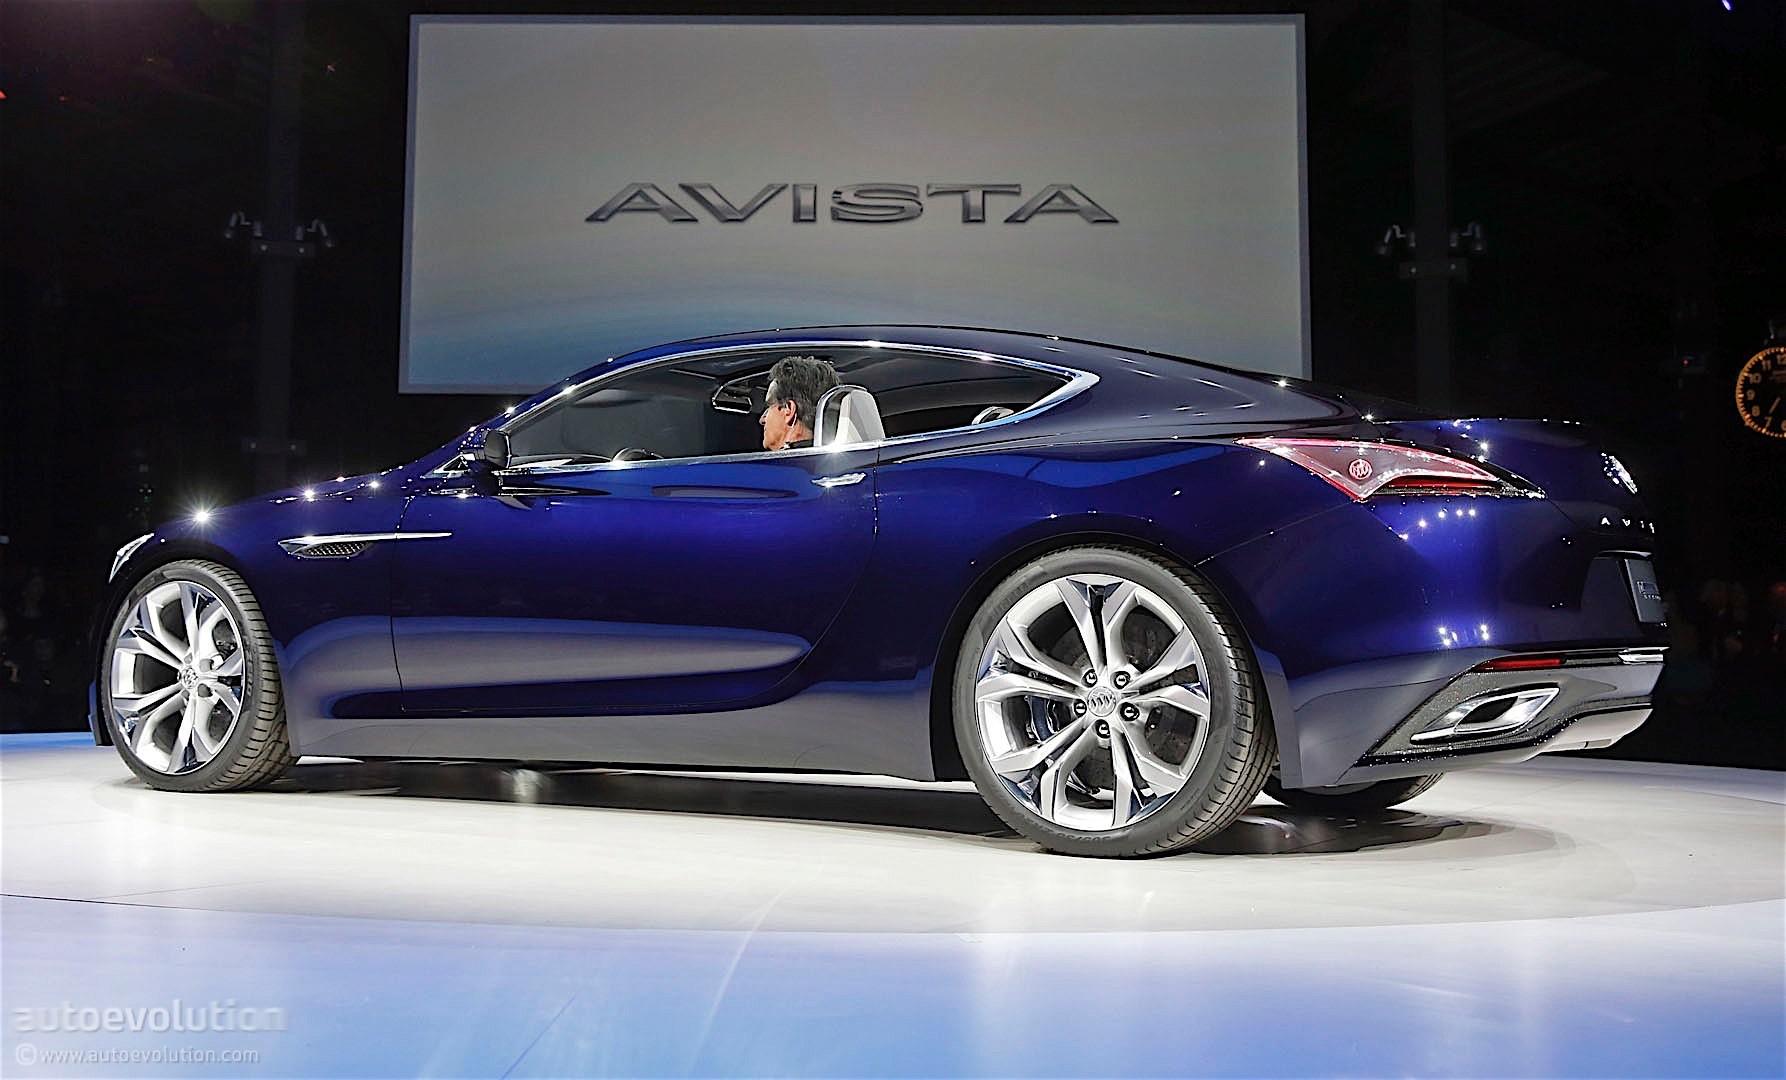 The Buick Avista Concept Already Received An Award